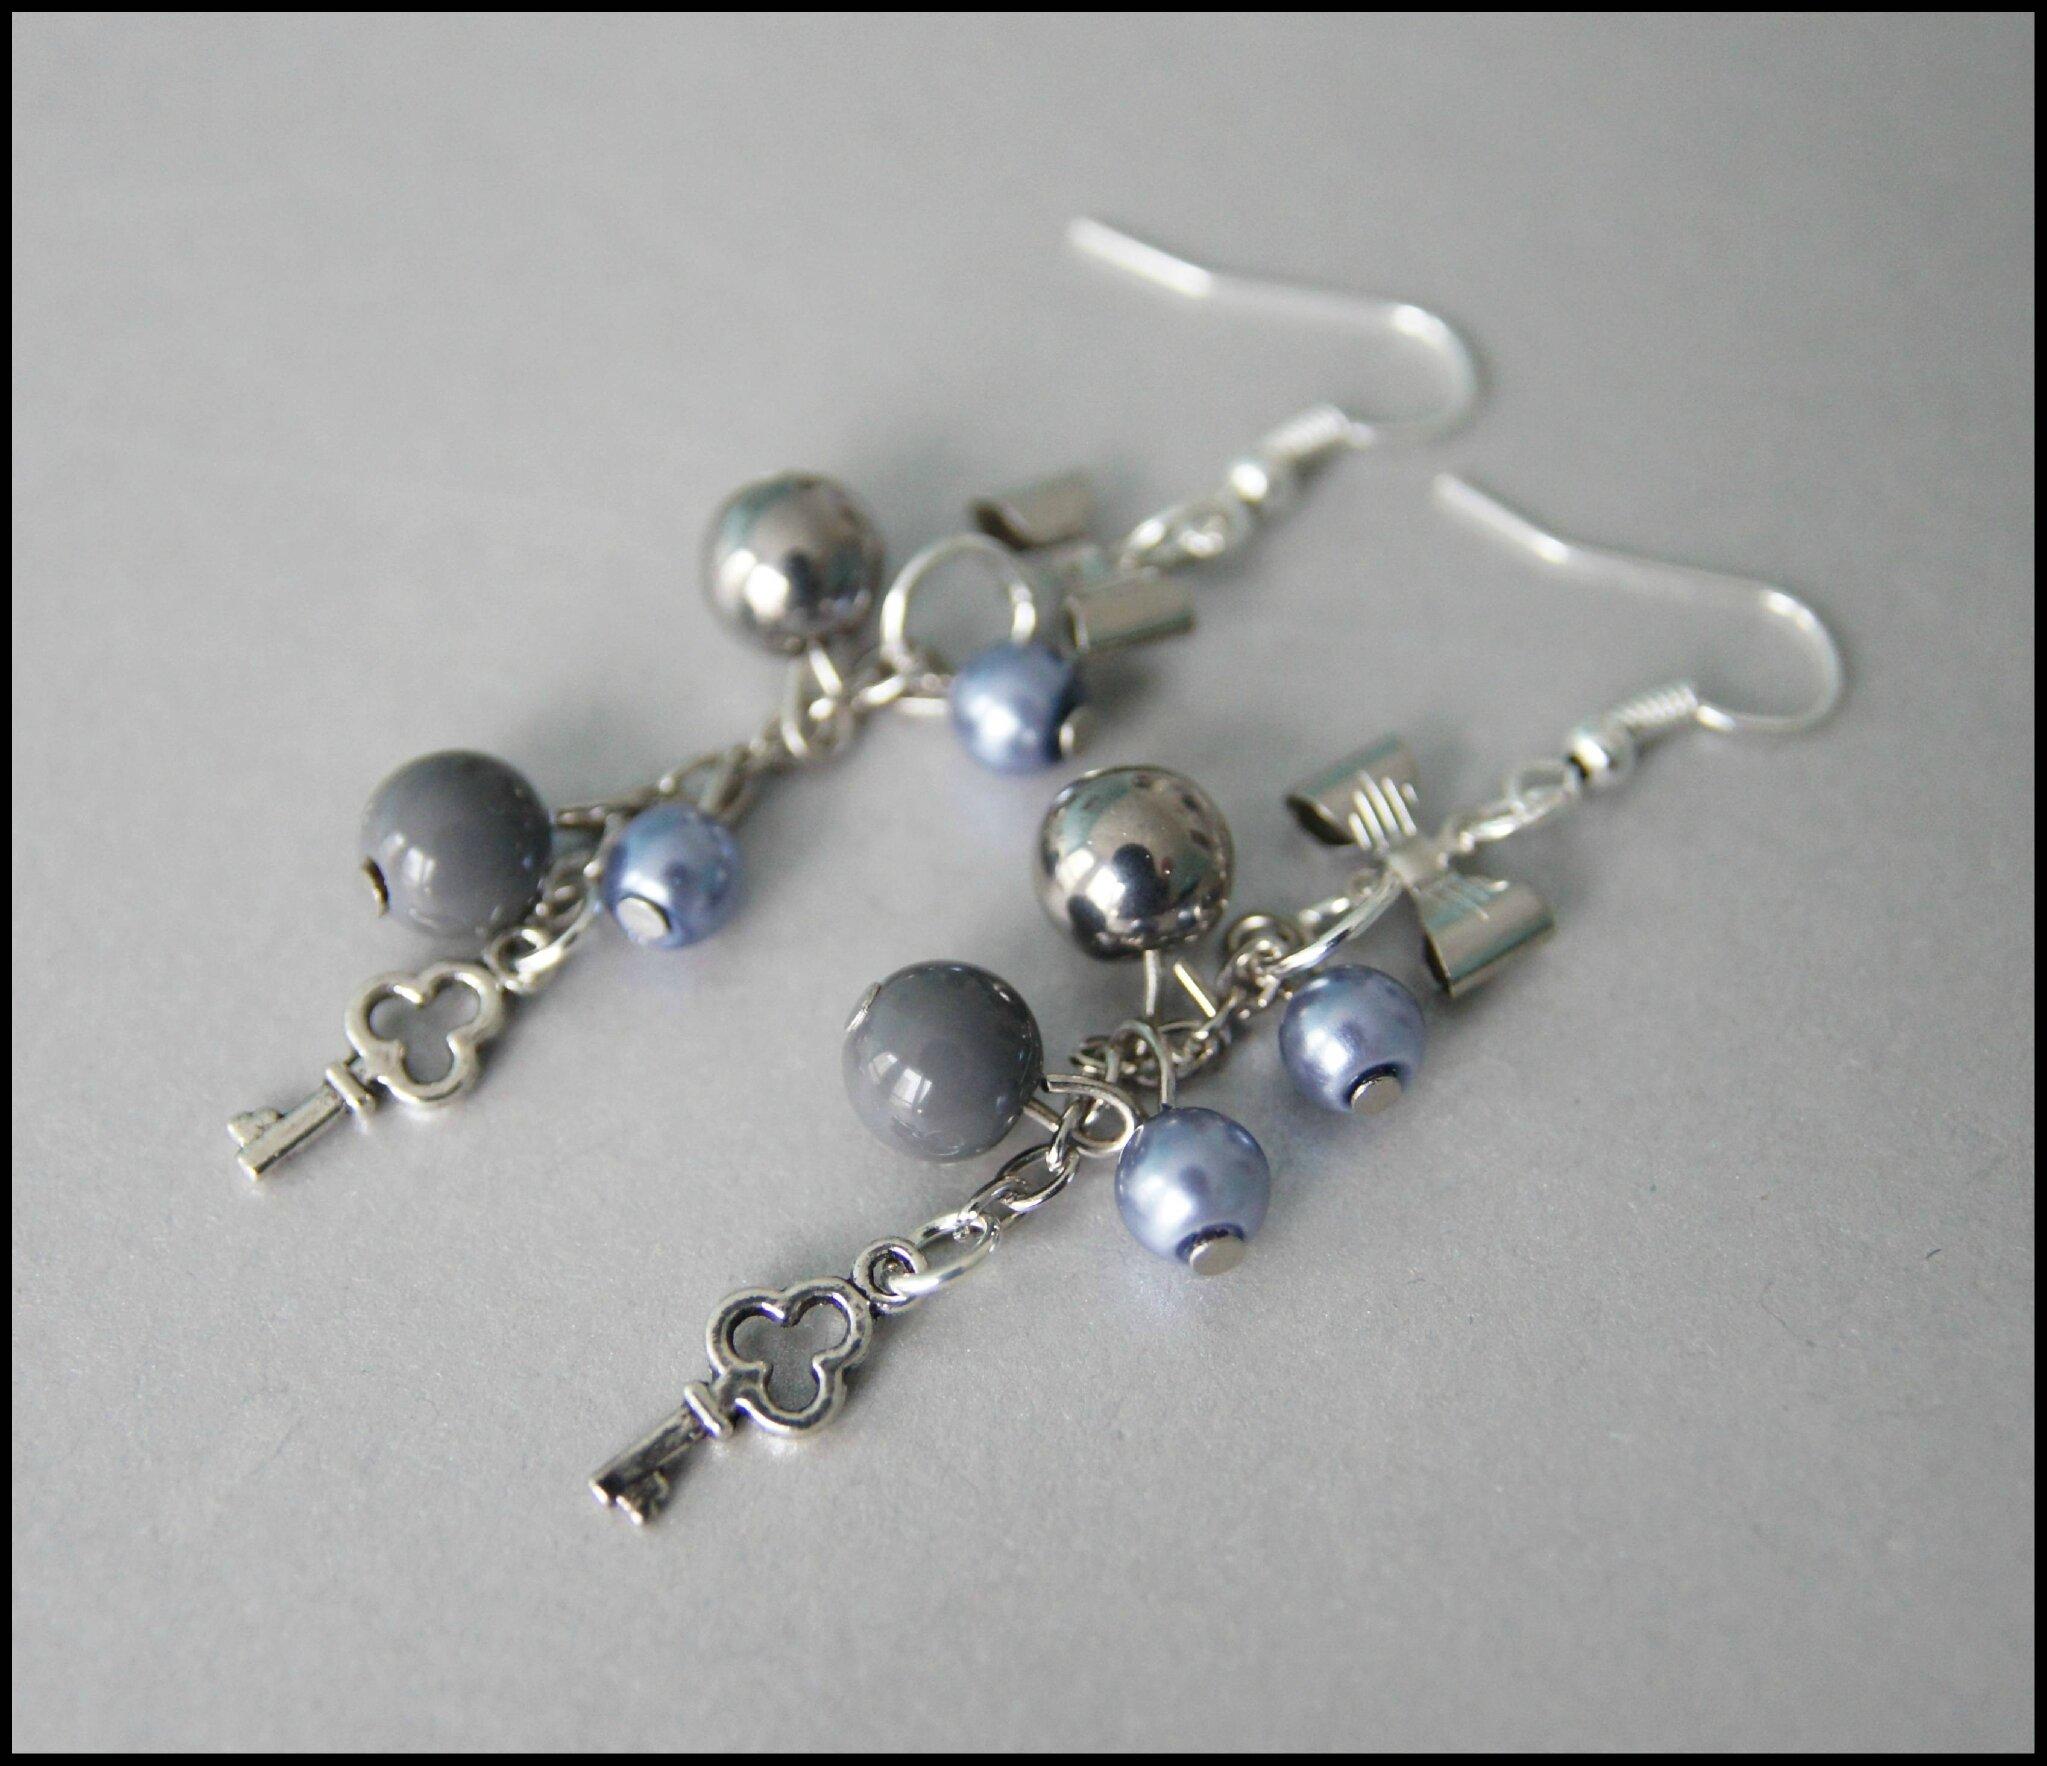 boucles d 39 oreille perles grises les cr ations de tagada. Black Bedroom Furniture Sets. Home Design Ideas